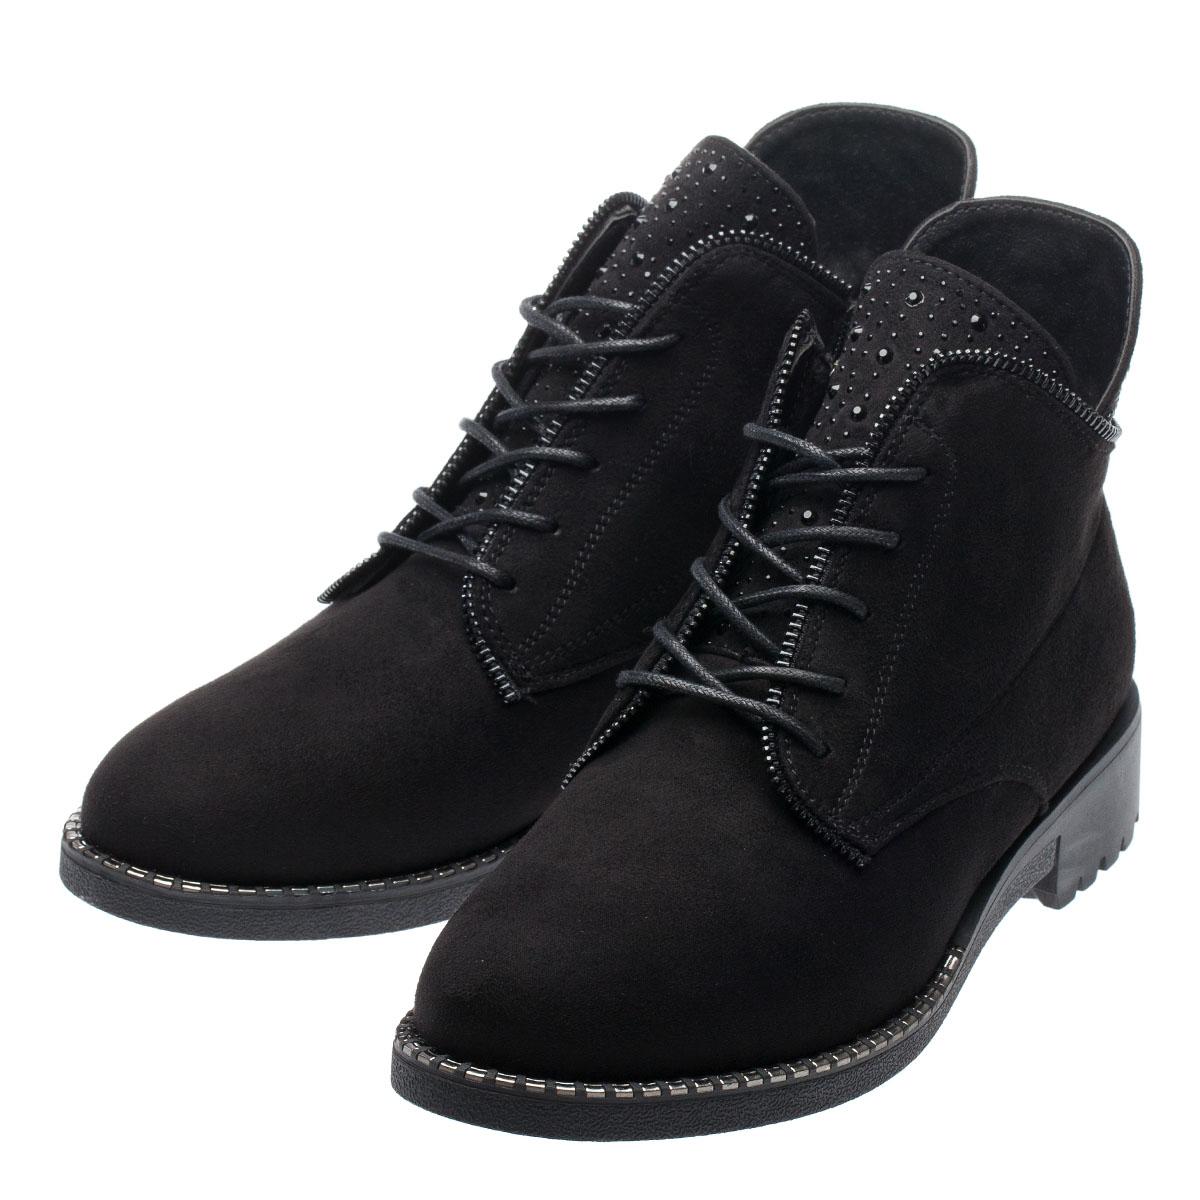 Фото - Ботинки демисезонные FERTO, D17-6002-1 ботинки демисезонные ferto skl 008